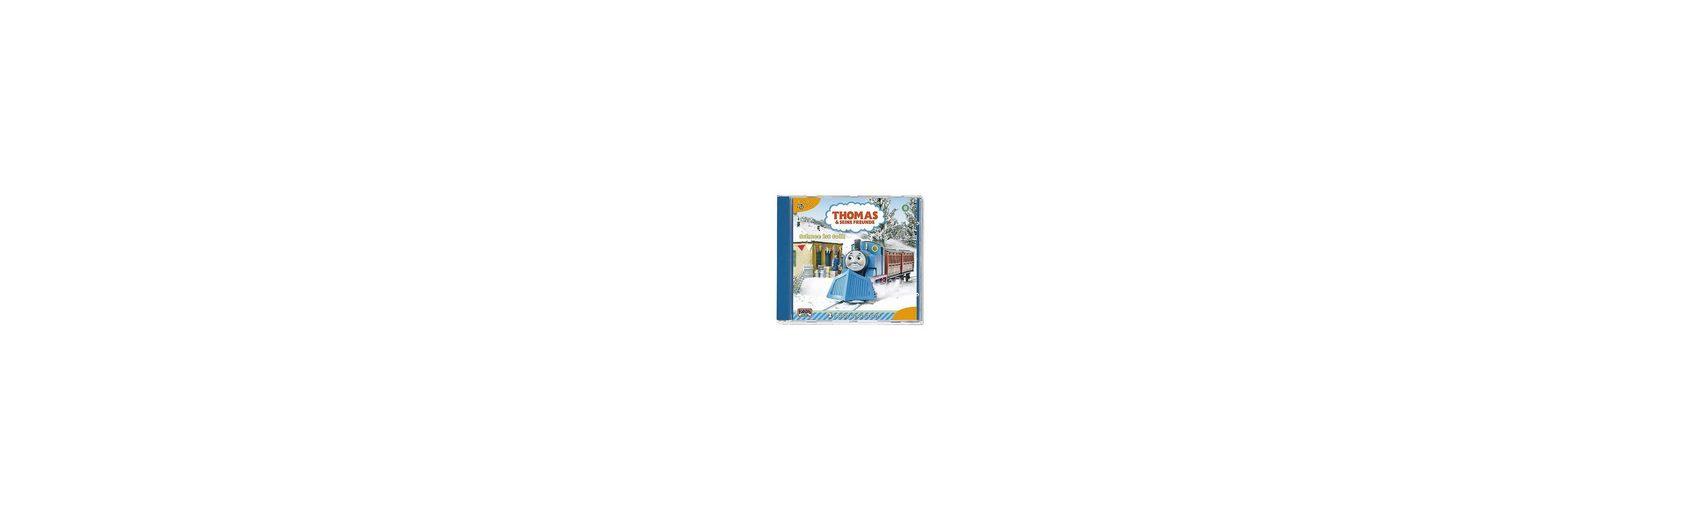 SONY BMG MUSIC CD Thomas und seine Freunde 08: Schnee ist toll